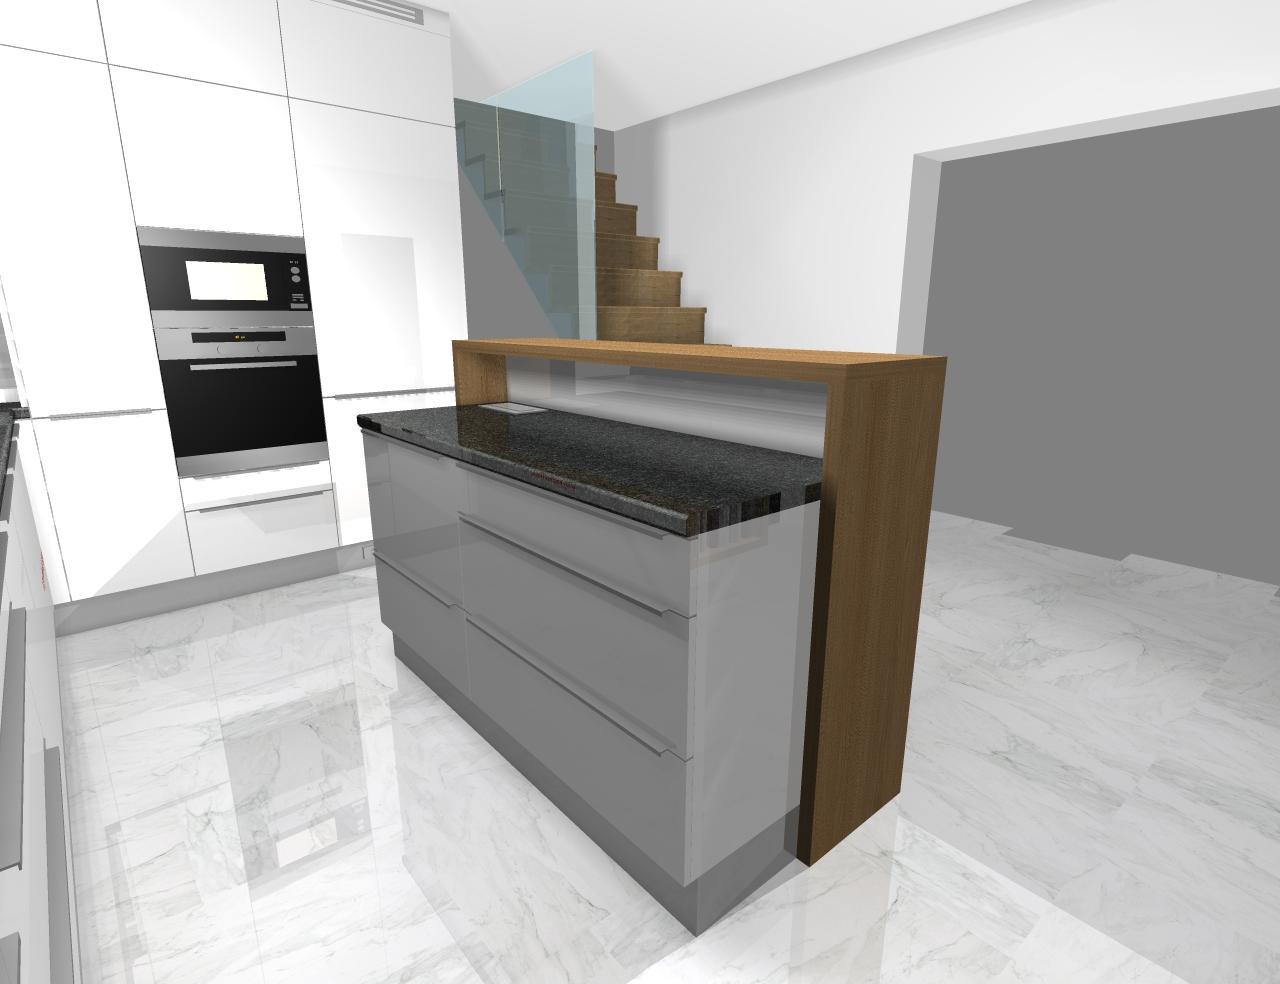 Grafické návrhy kuchynských liniek 2020 - Grafický návrh kuchynskej linky do rodinného domu - obr.7